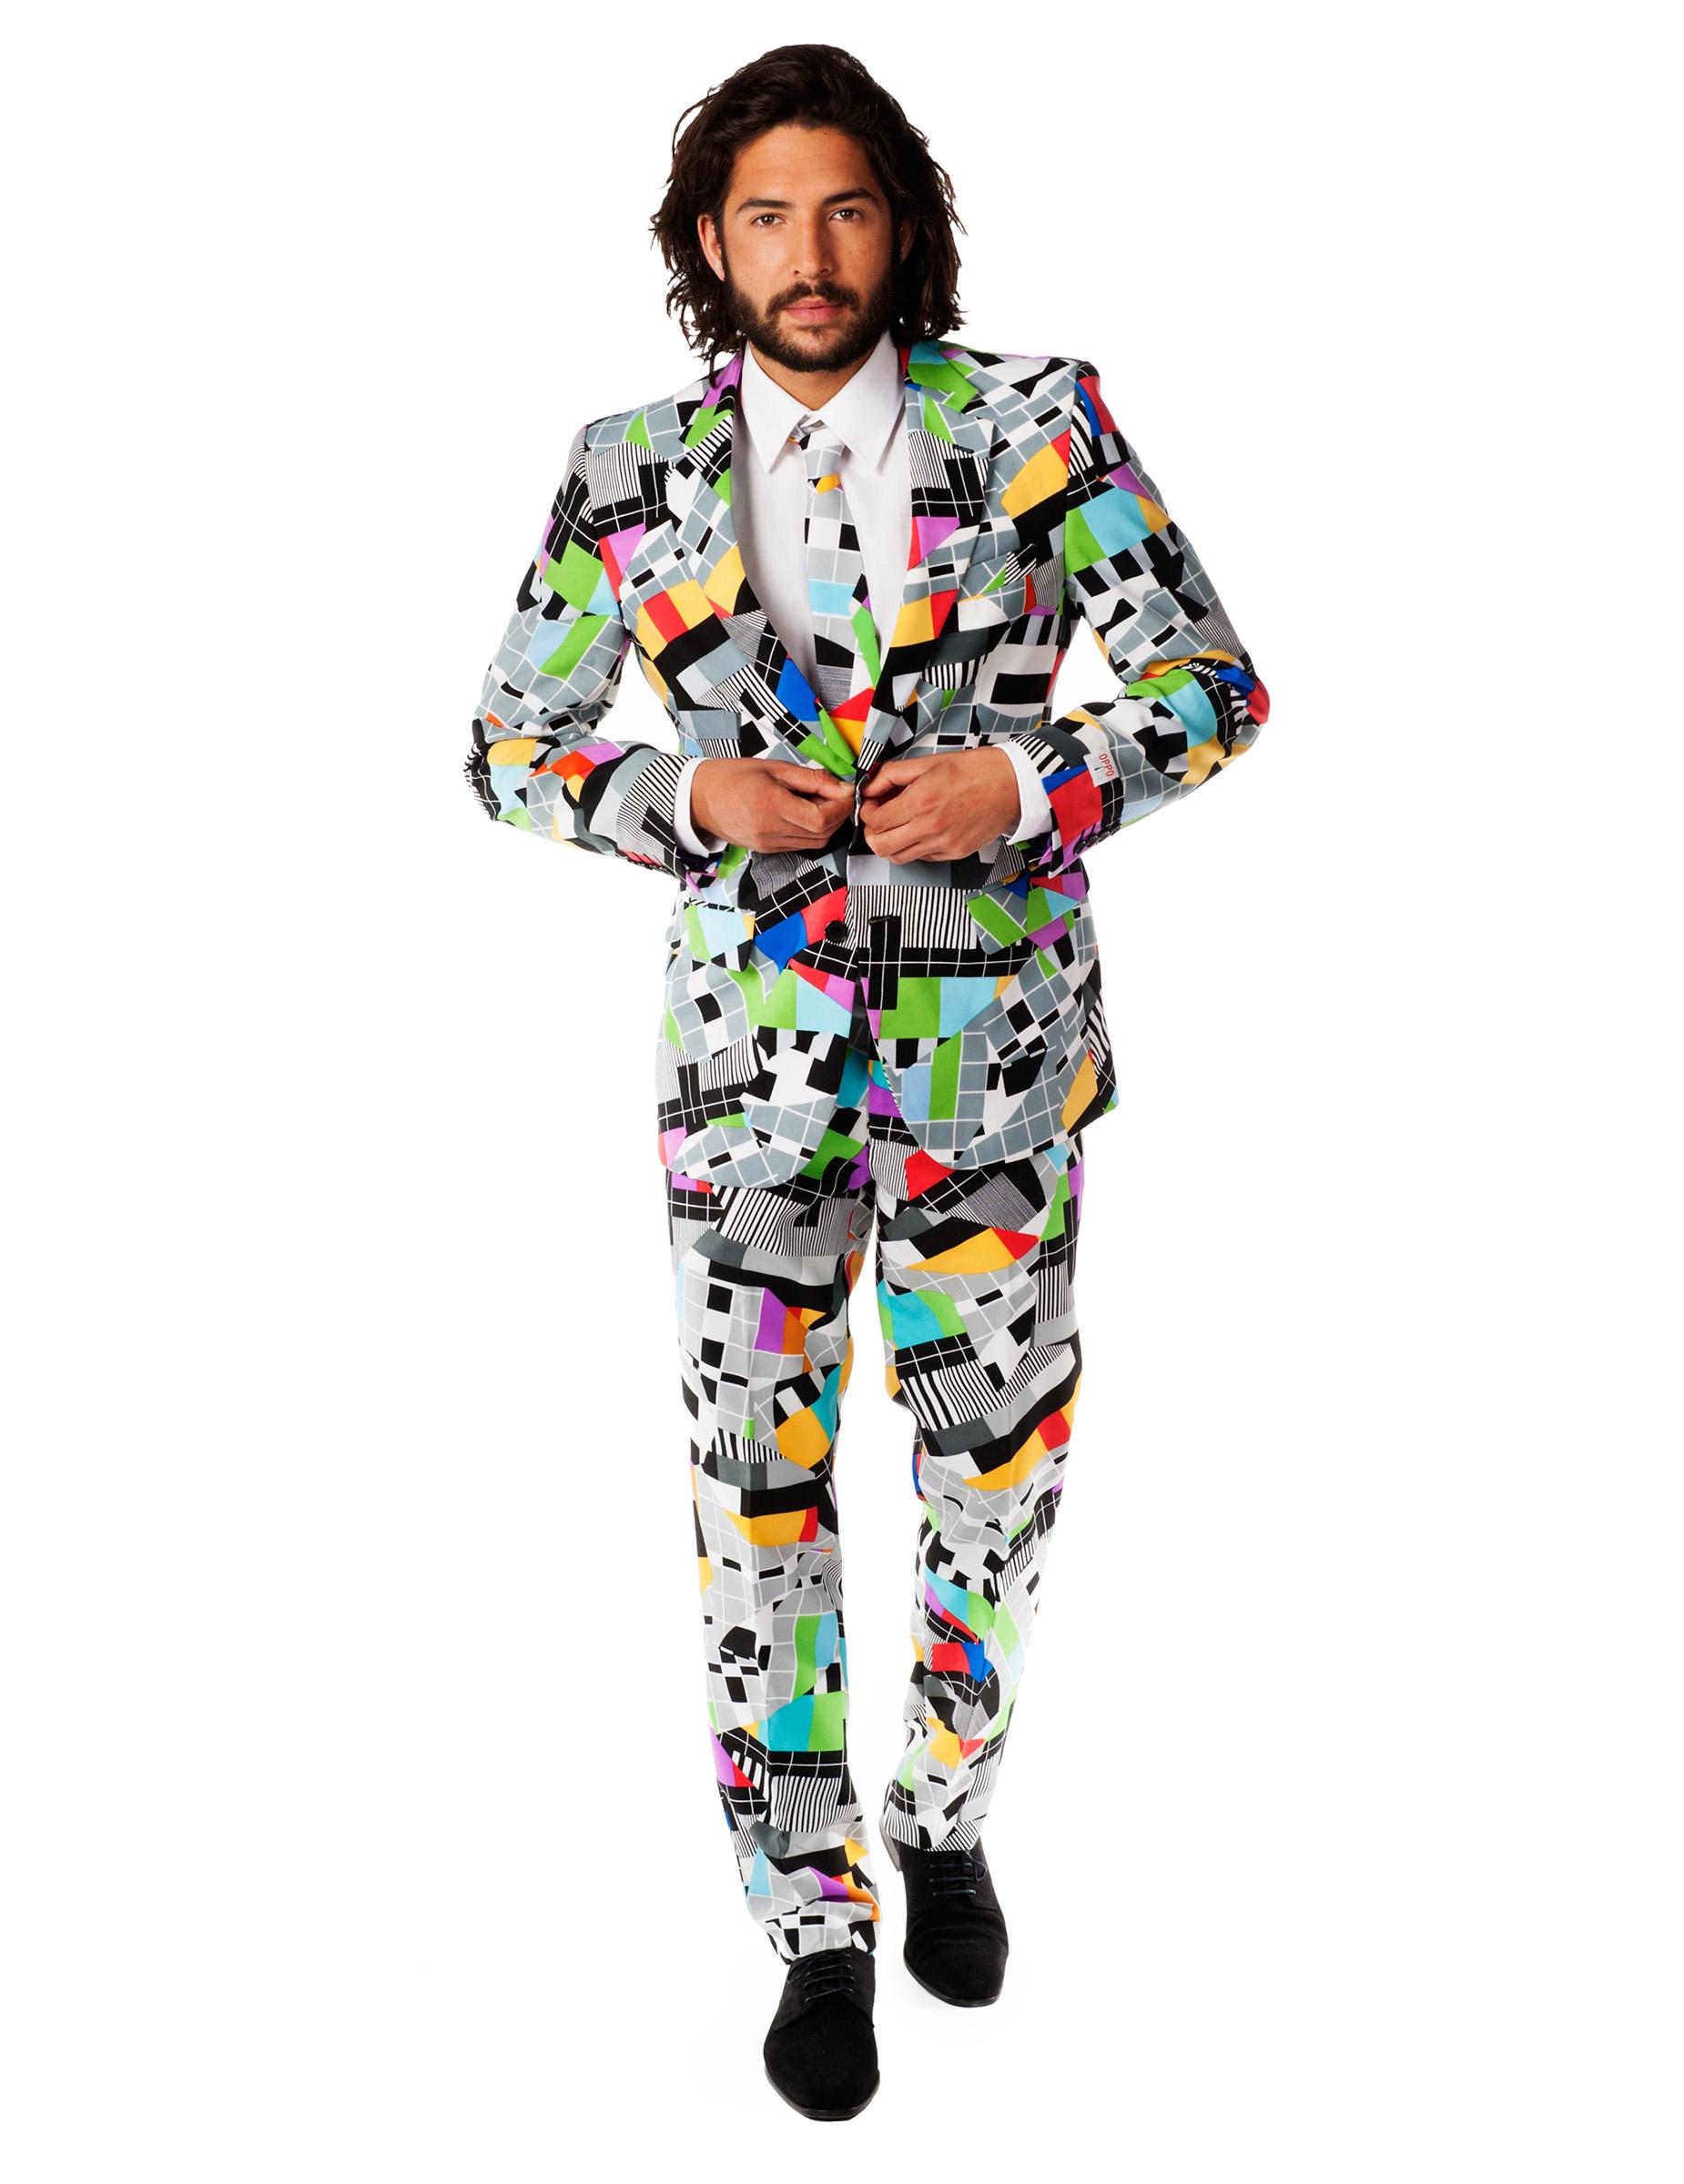 Brandneu doppelter gutschein echte Schuhe Testival - Opposuits-Anzug bunt